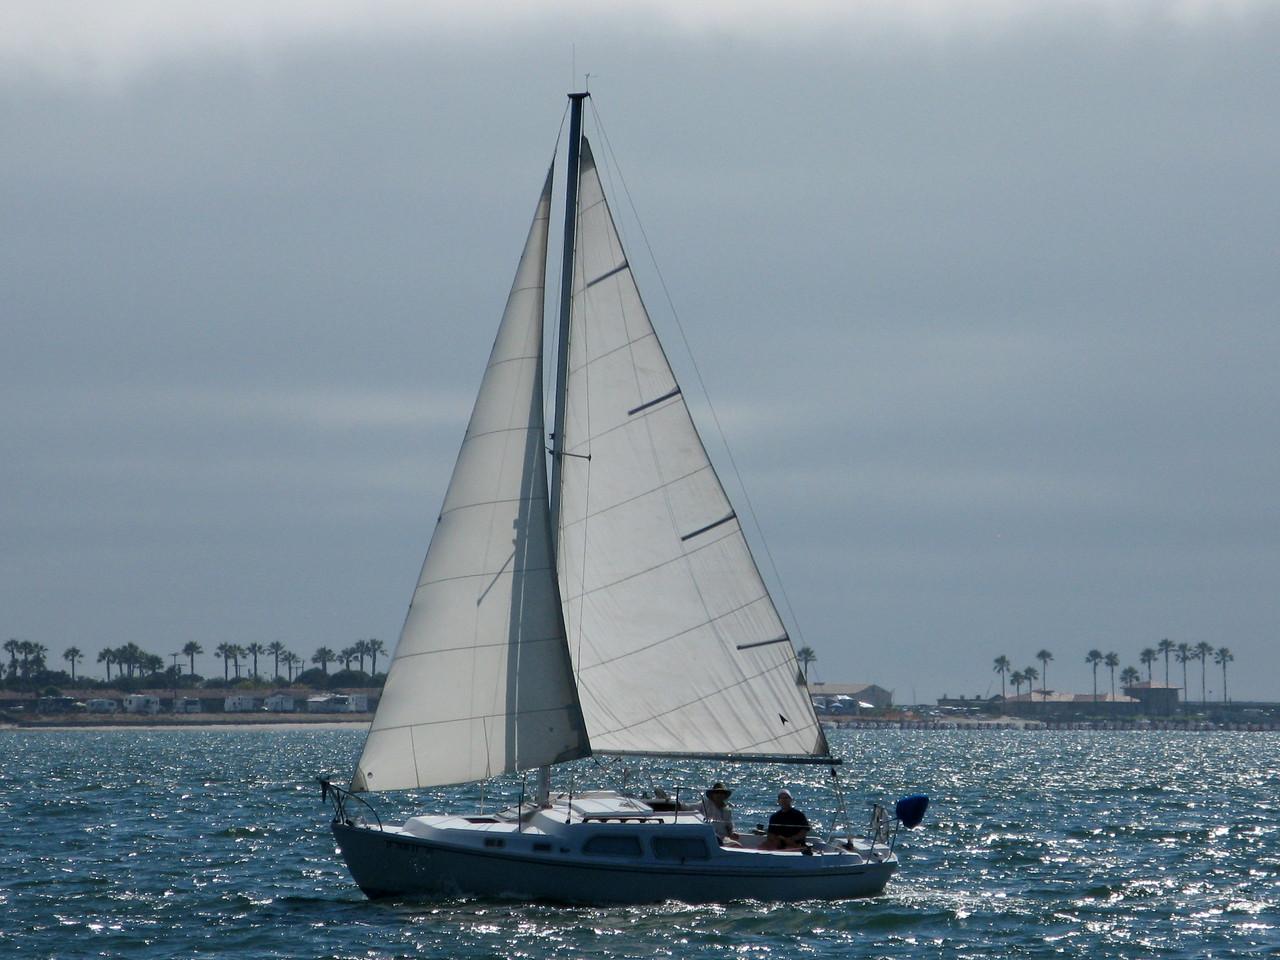 12-07-01 Sail 039